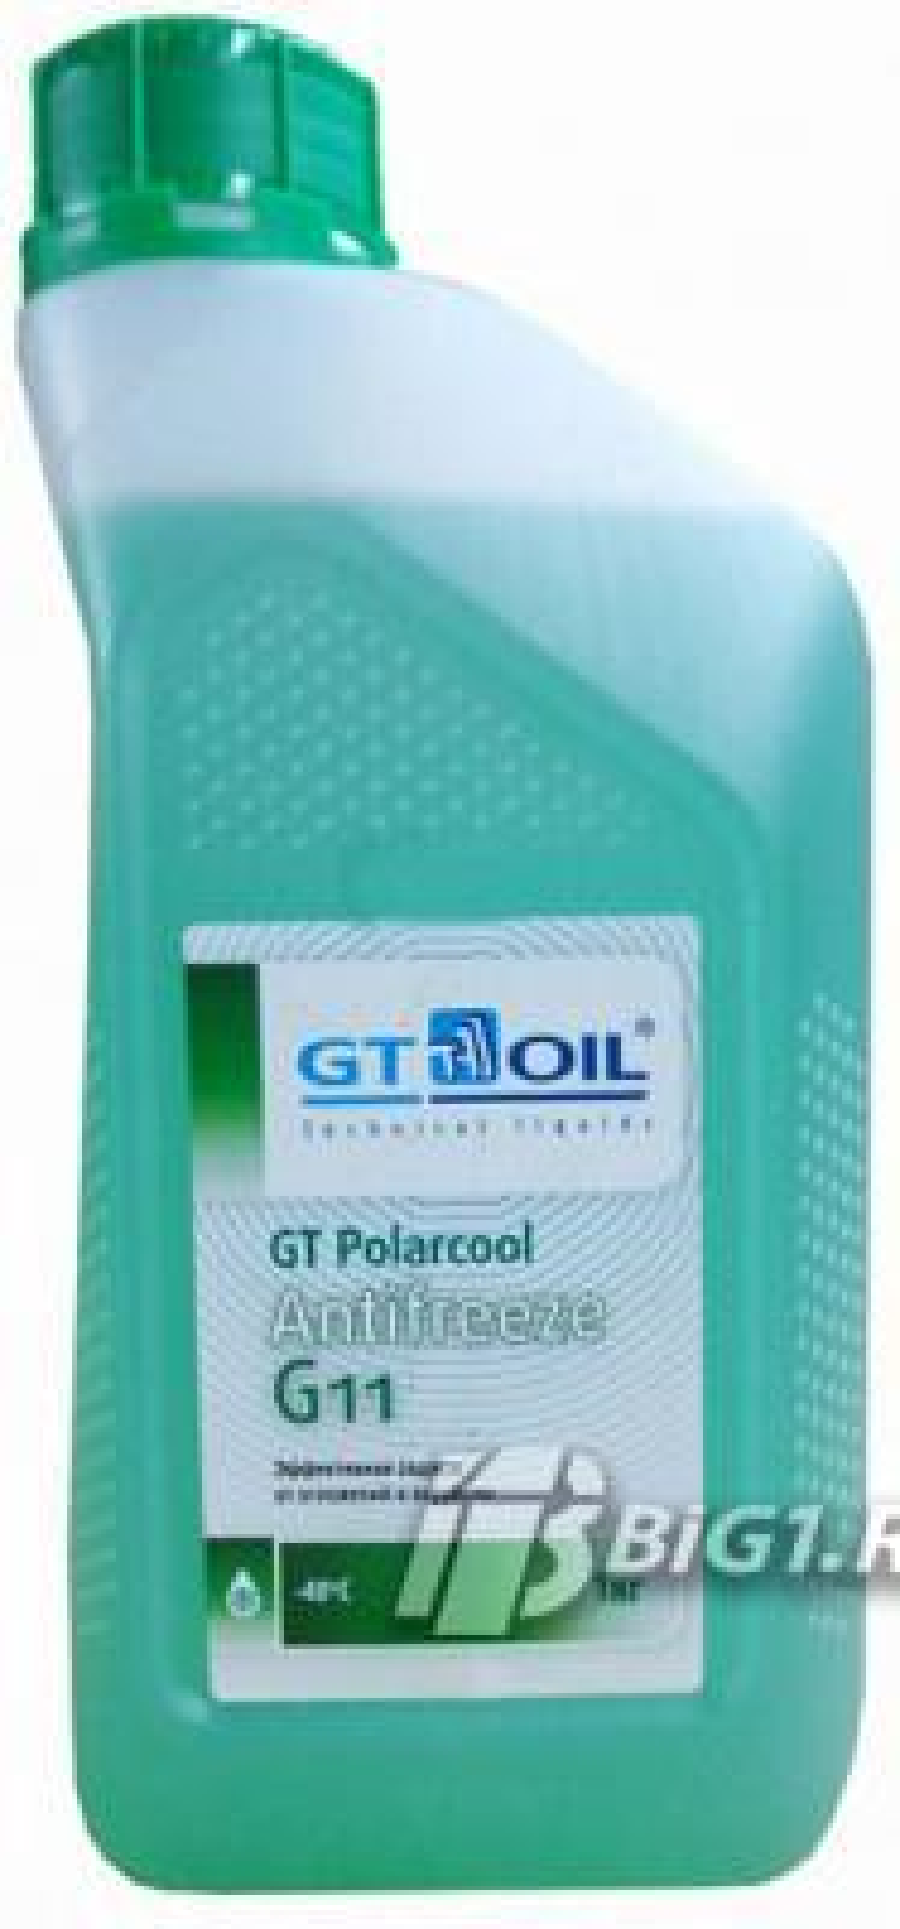 GT POLARCOOL VW G-11 (-40) 10Х1КГ